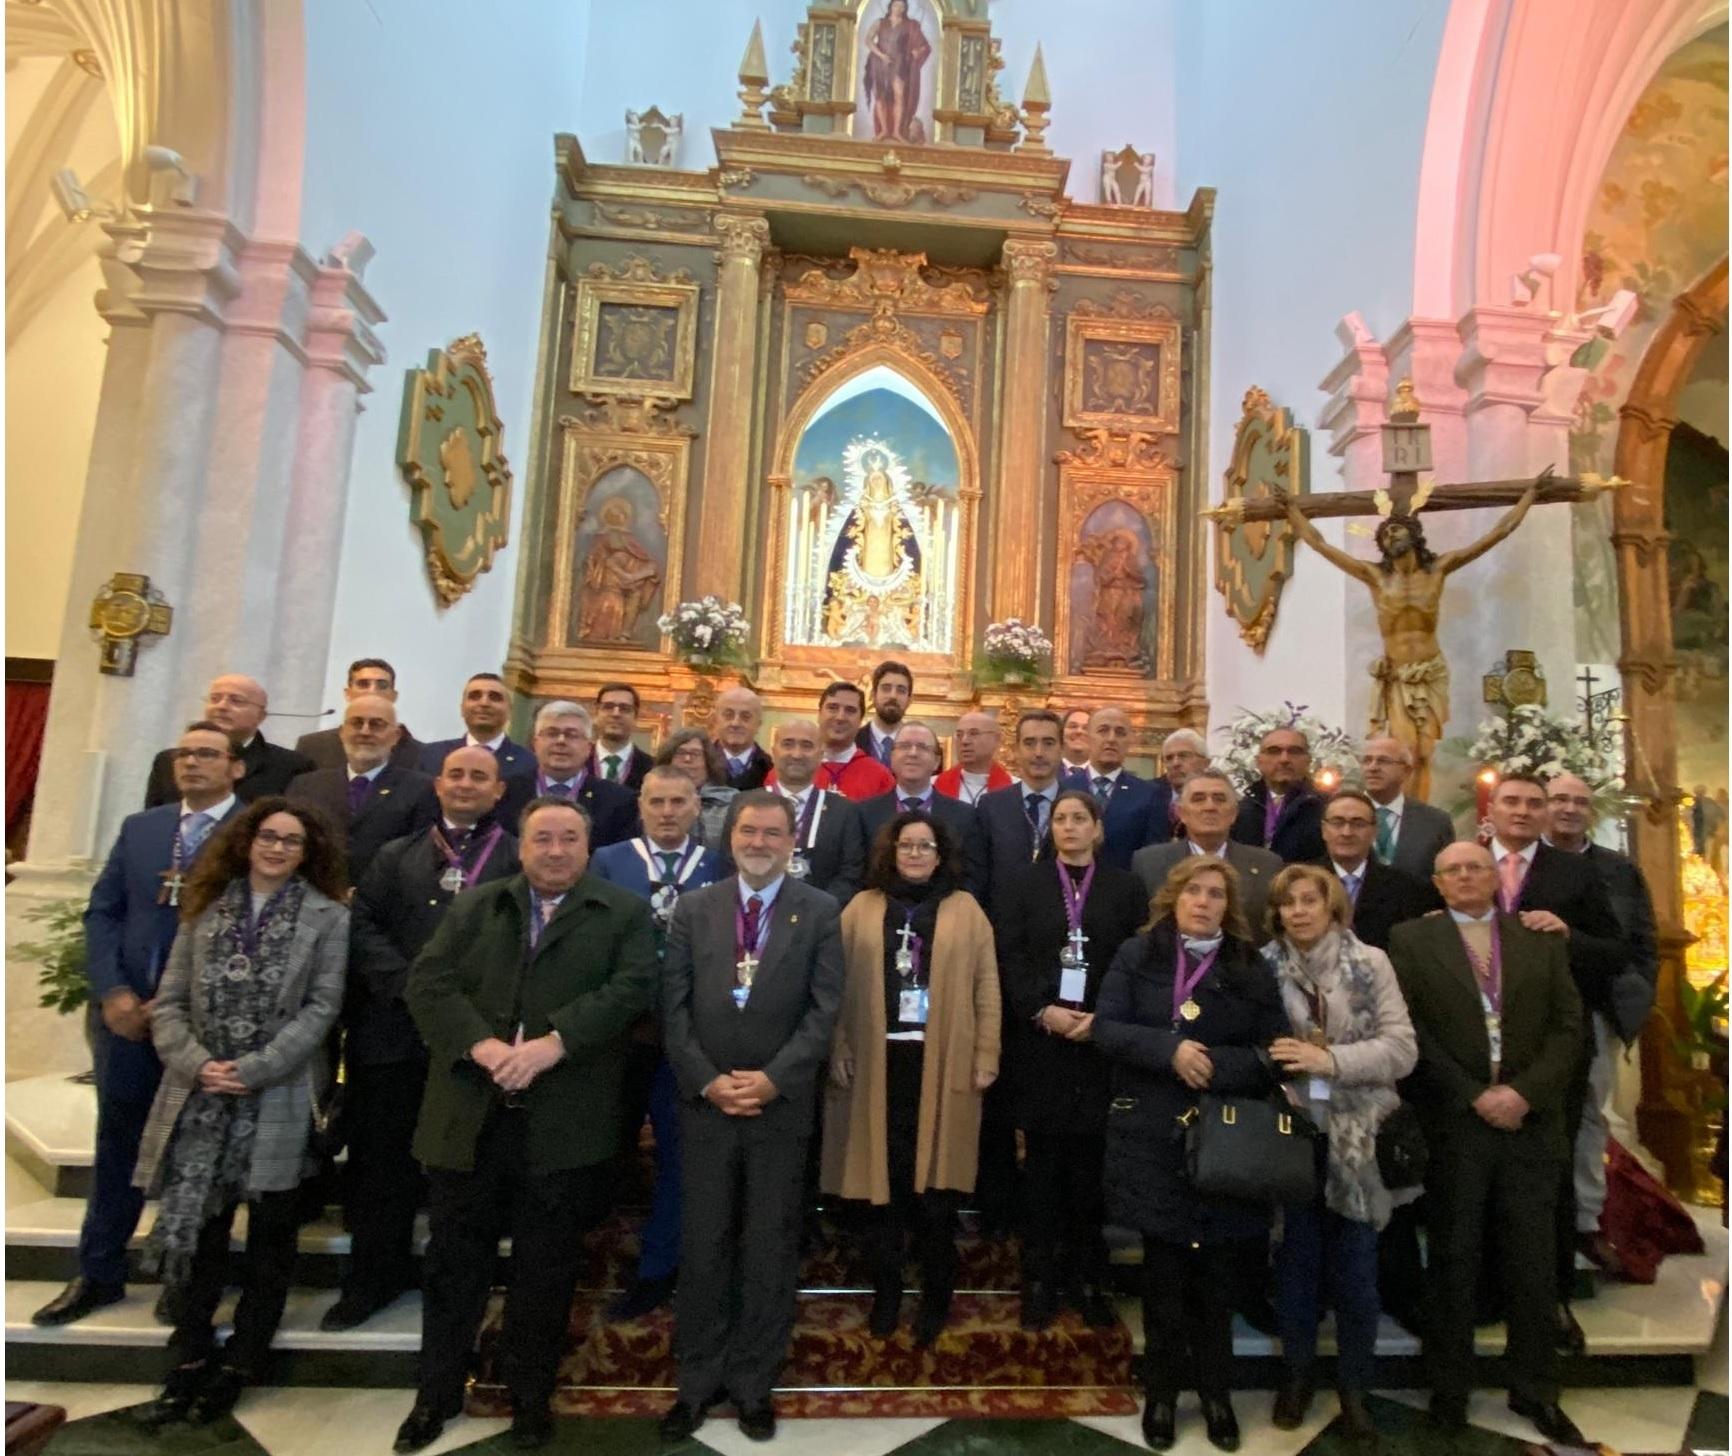 La Hermandad de Misericordia y Palma estuvo presente en el XXX Encuentro de Hermandades de la Misericordia de Andalucía celebrado en Arjona.